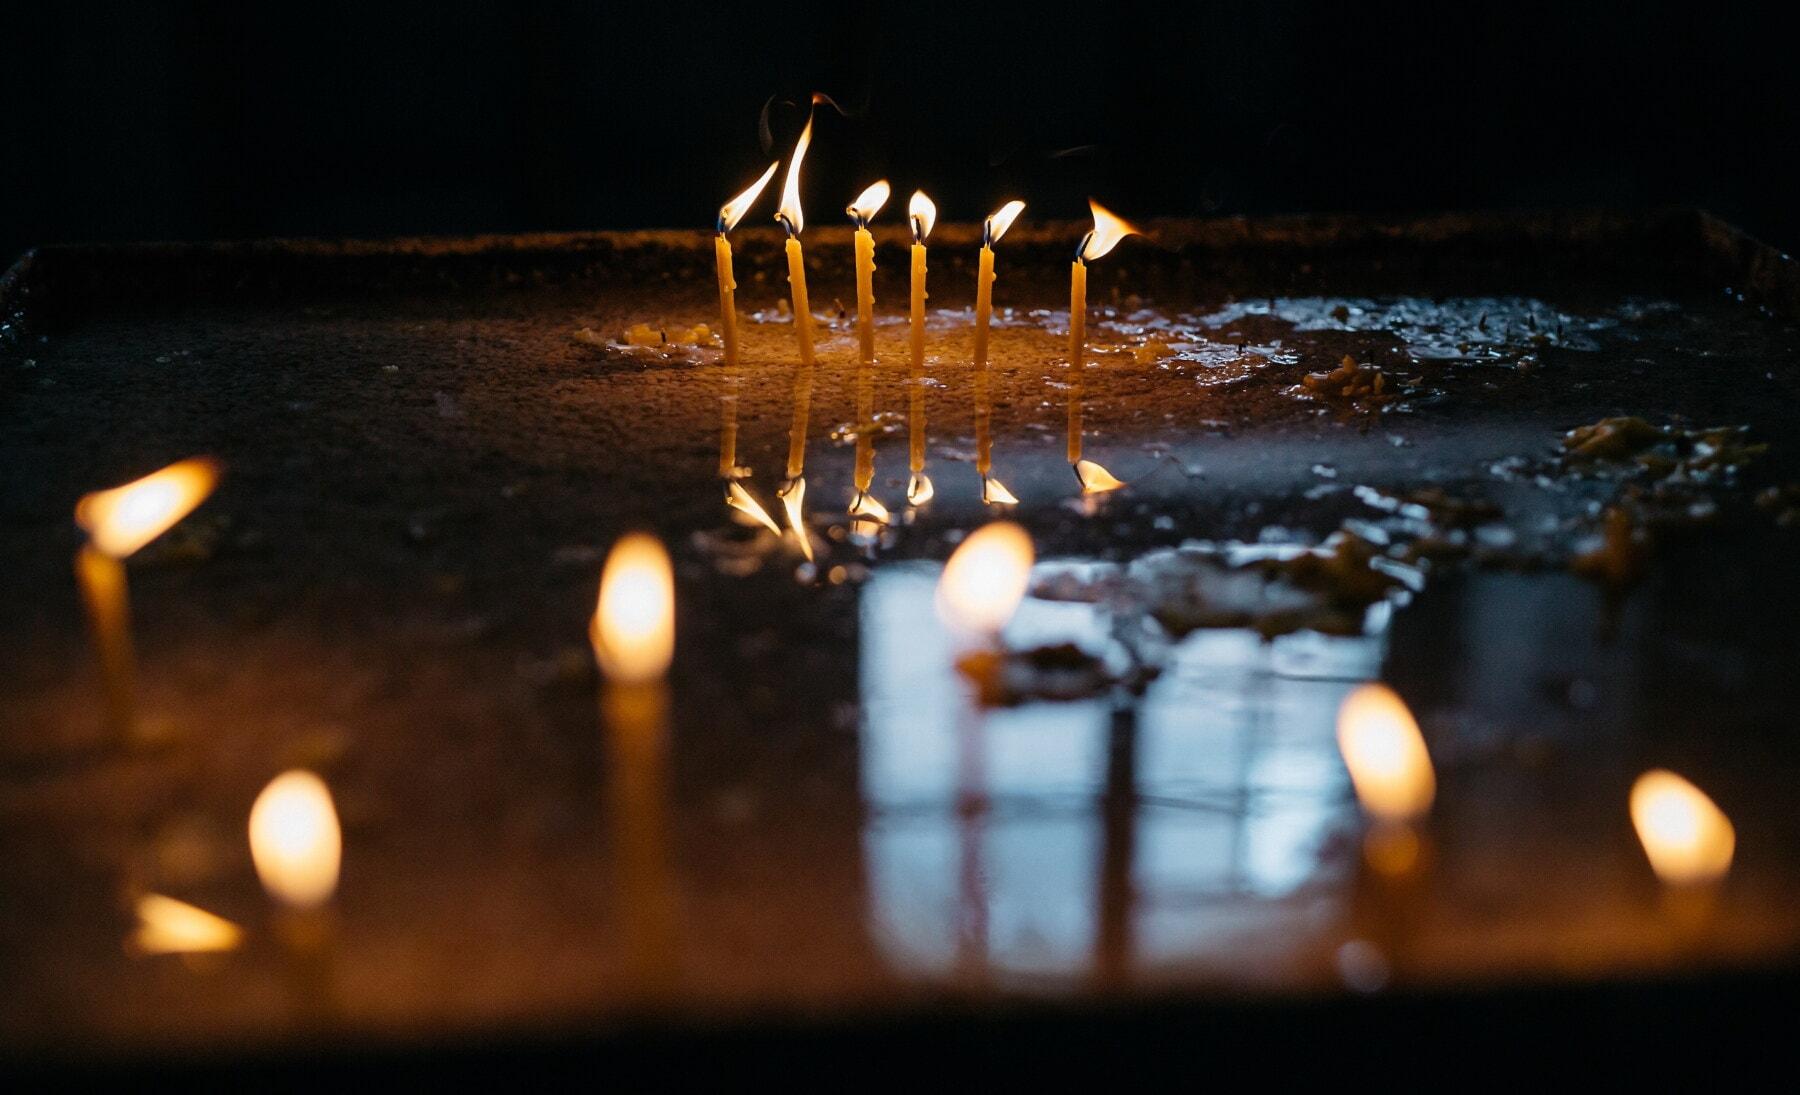 Trauer, Kerzen, Dunkelheit, Trauer, geistigkeit, Flammen, Tod, verwischen, Flamme, Kerze